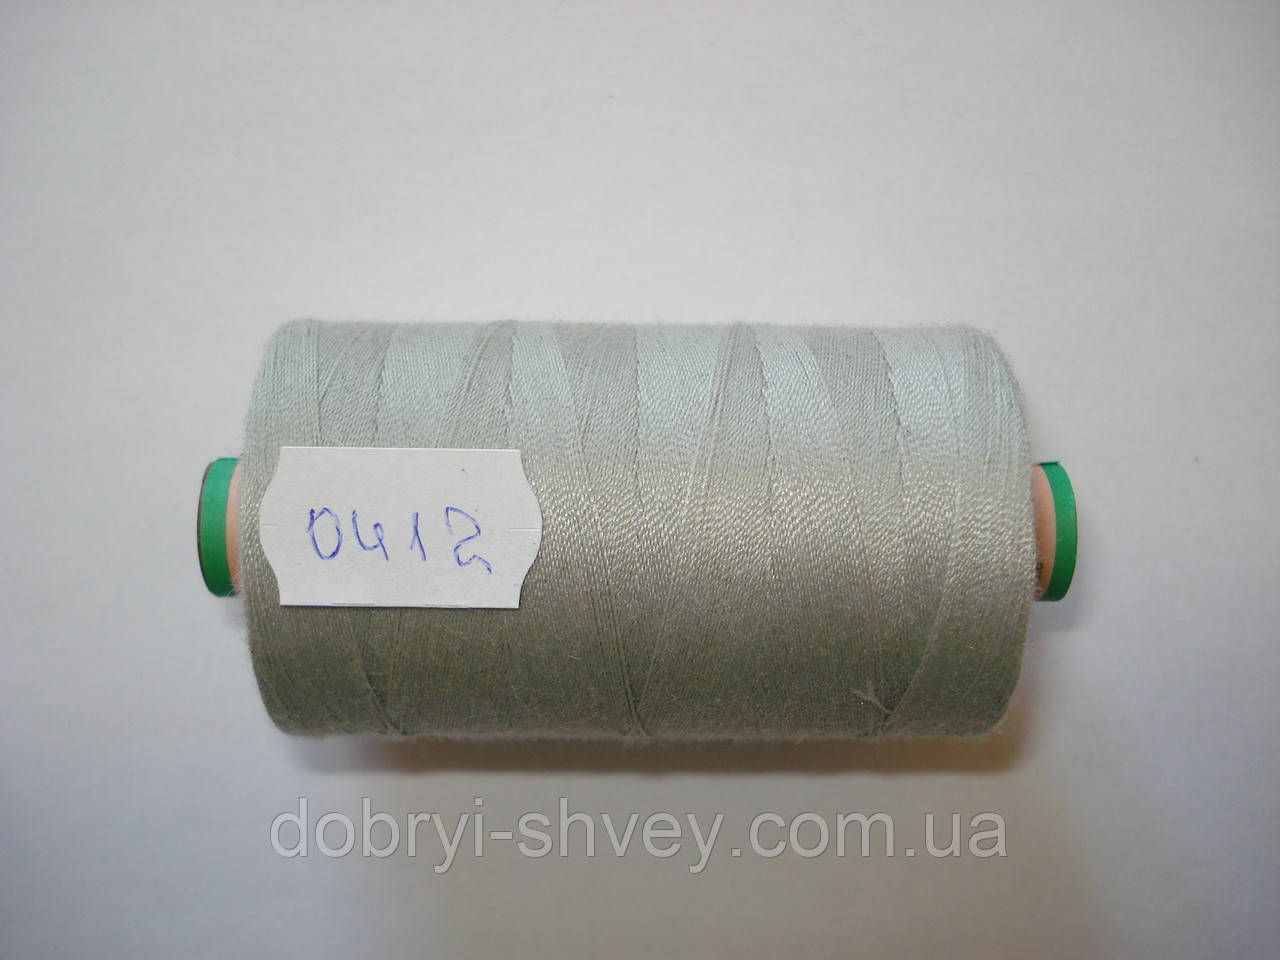 Нитка AMANN Saba c №80 1000м.col 0412 серый (шт.)